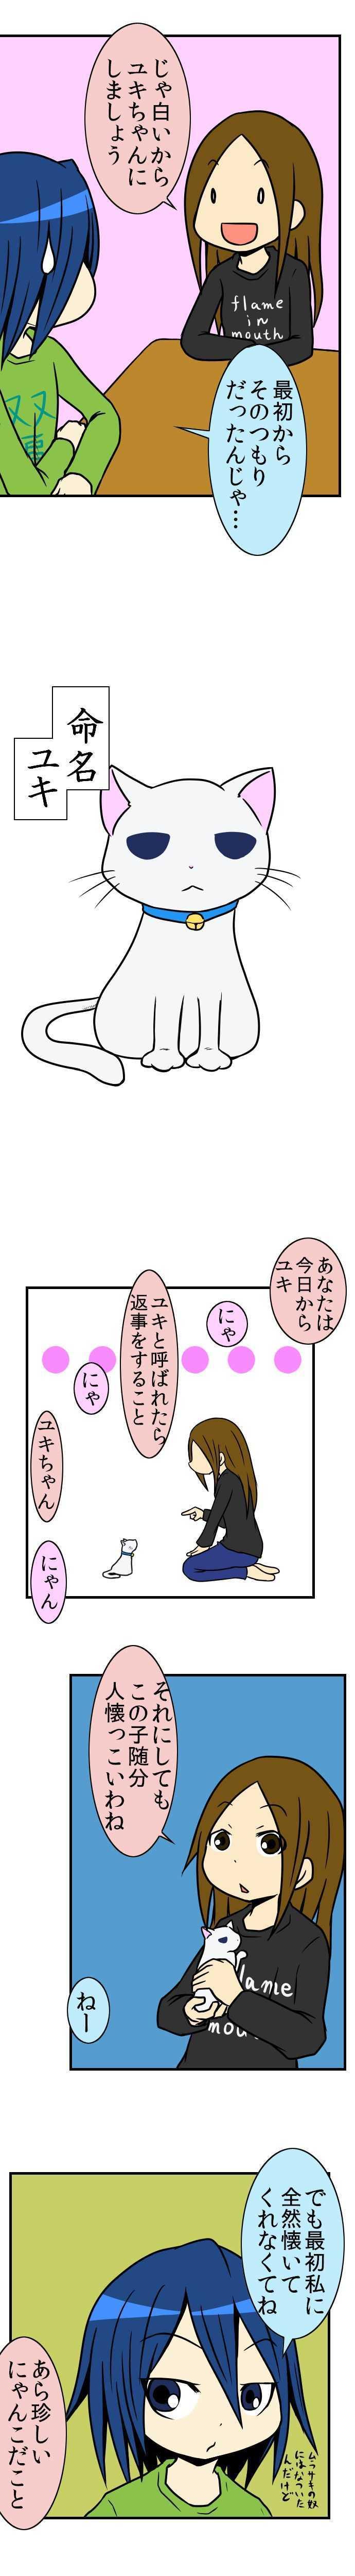 29術目:忍ぶにゃんこ(其の参)